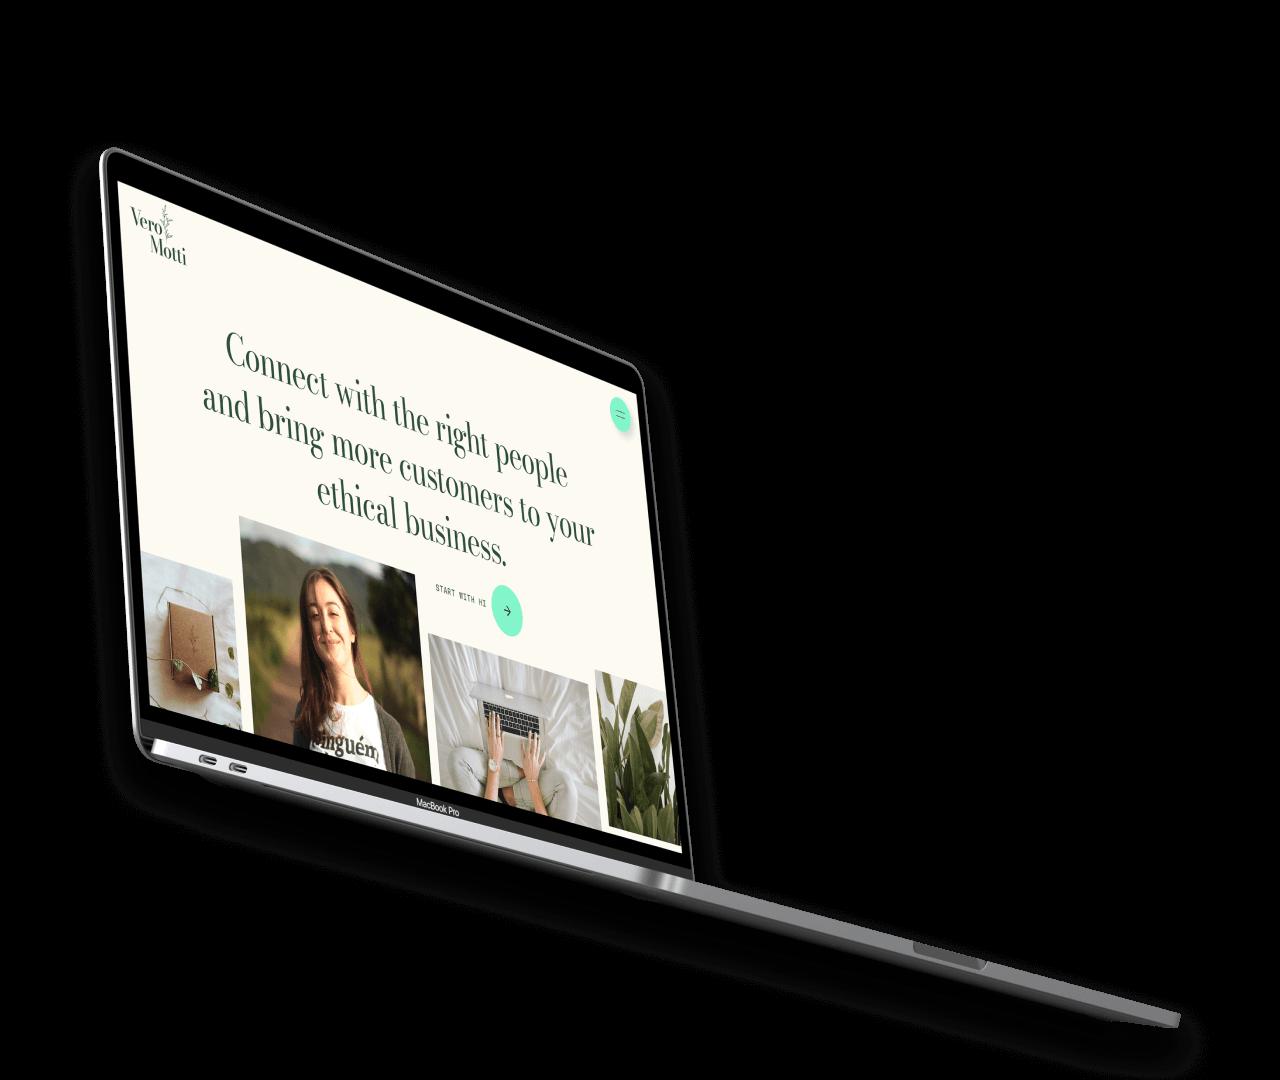 macbook displaying vero's website